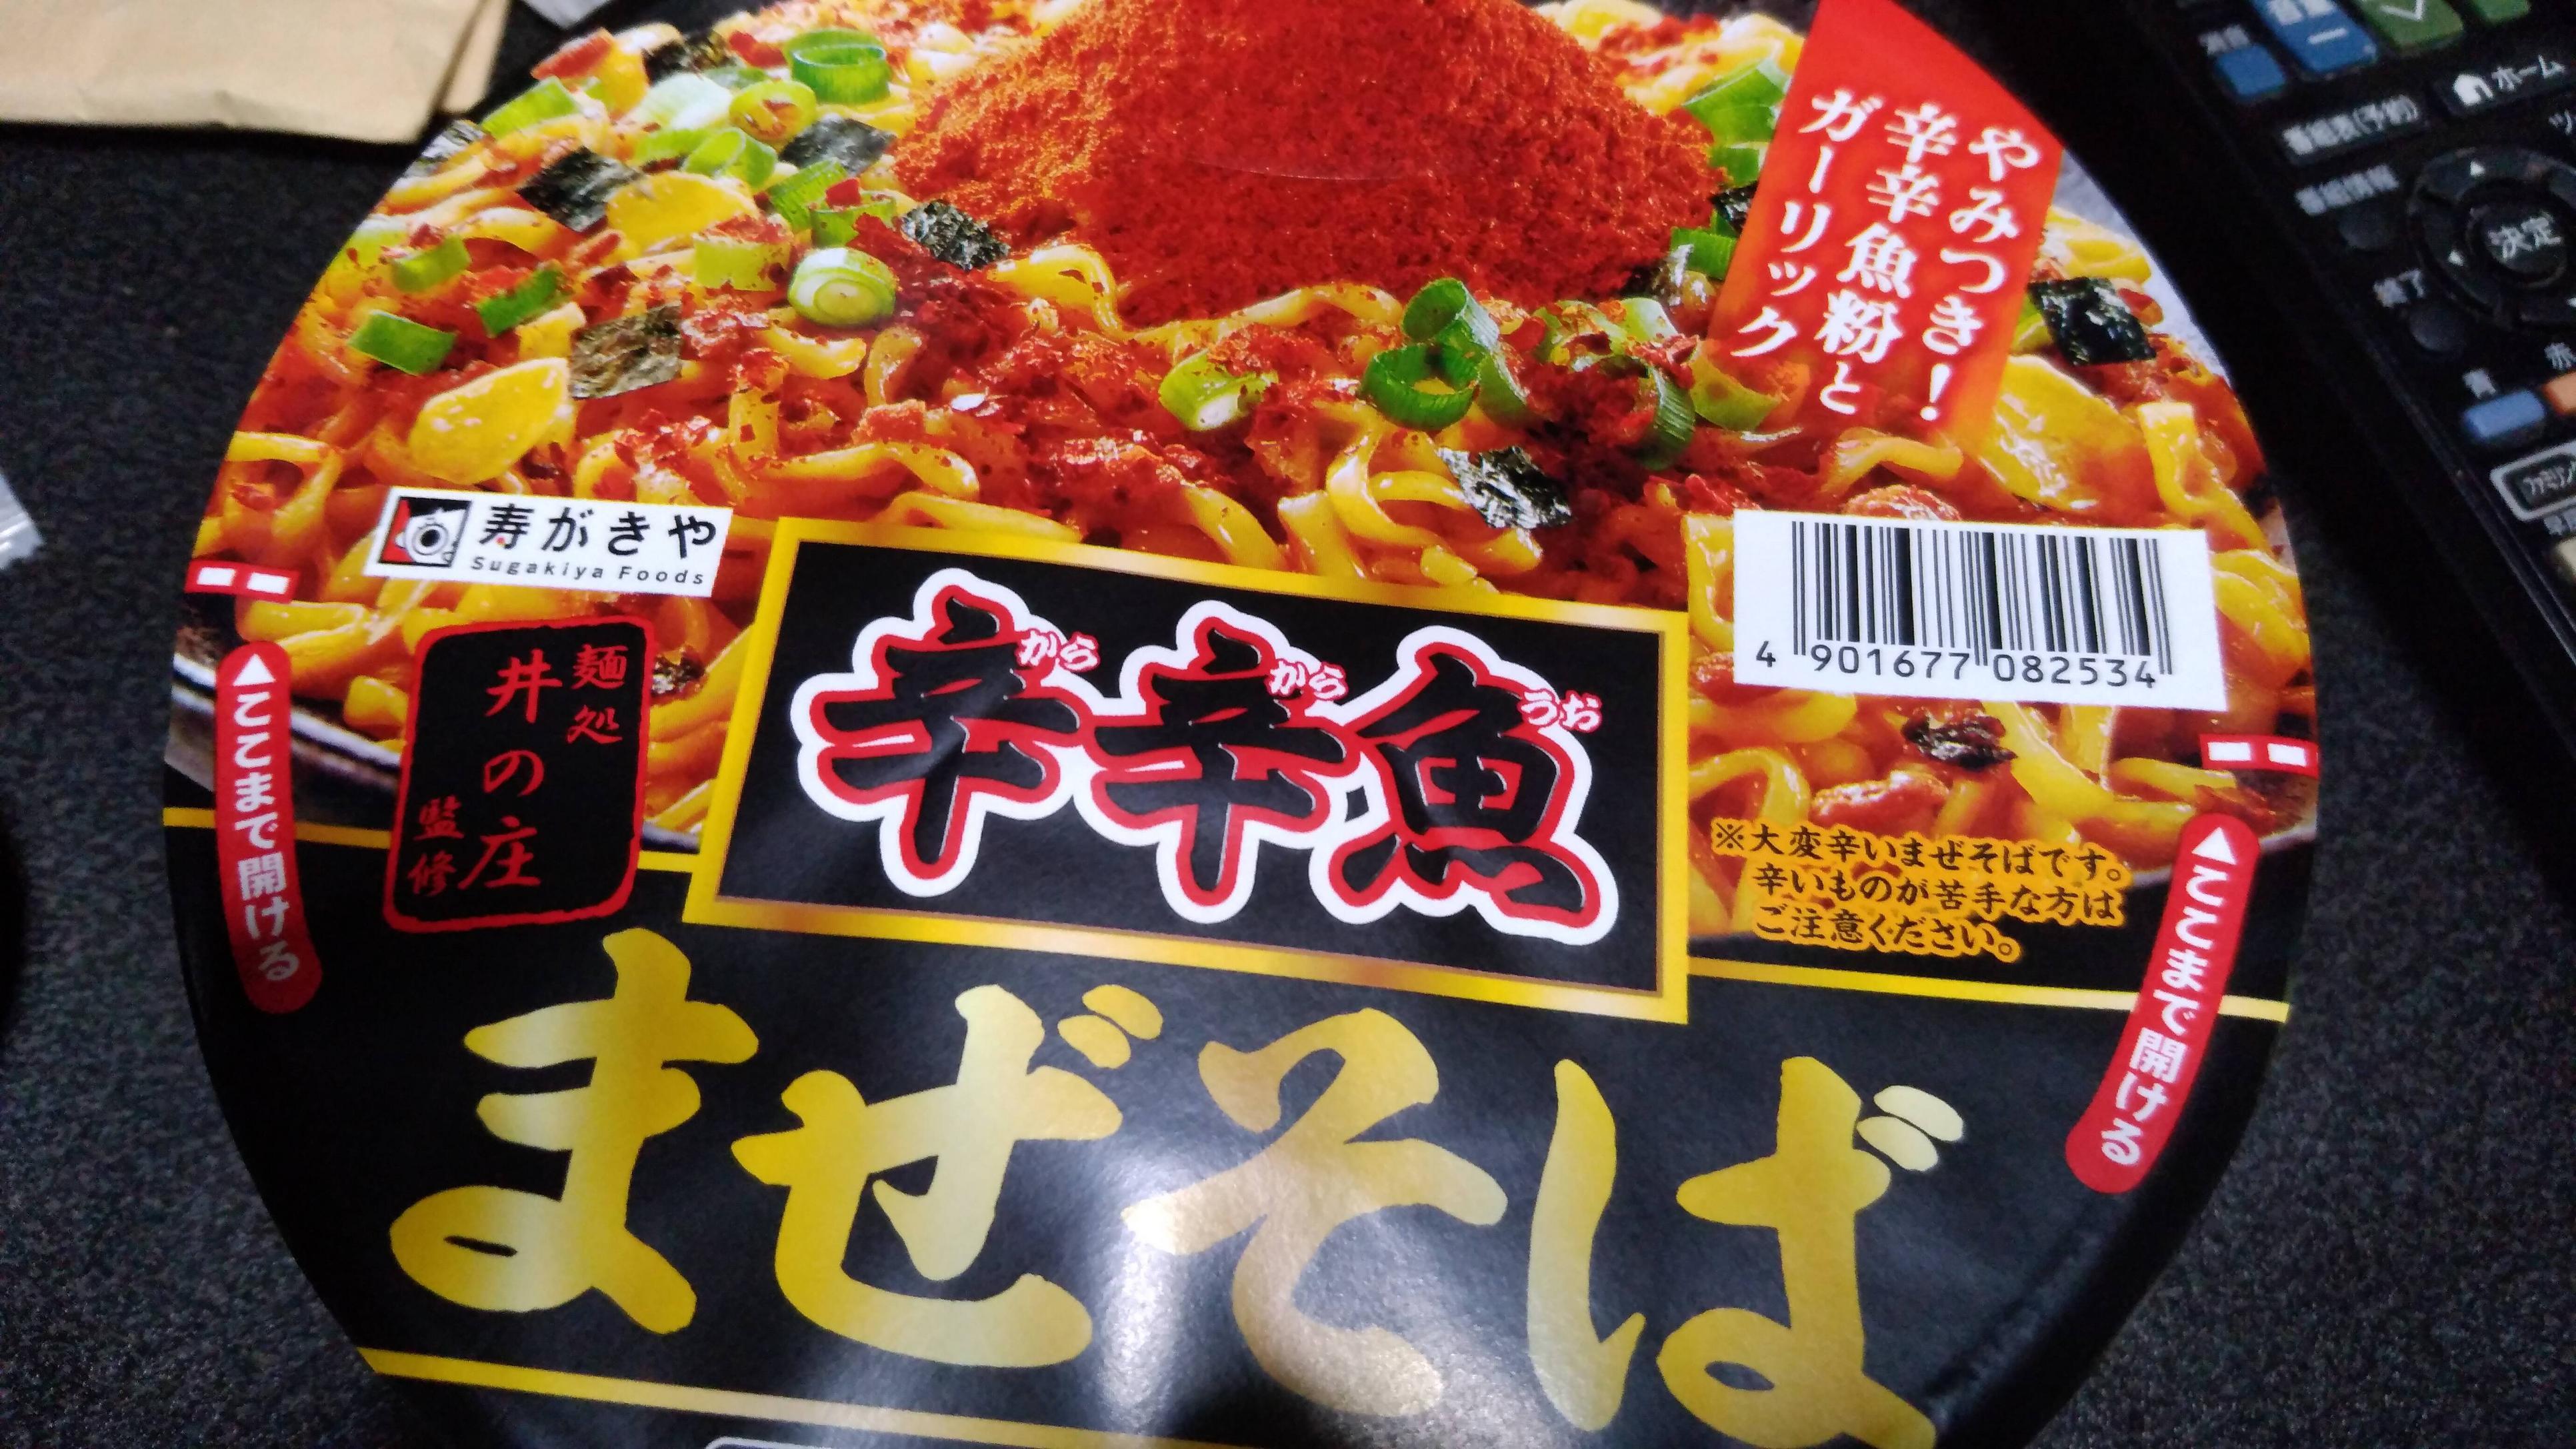 【画像】カップラーメン辛辛魚まぜそば買ってきたわ